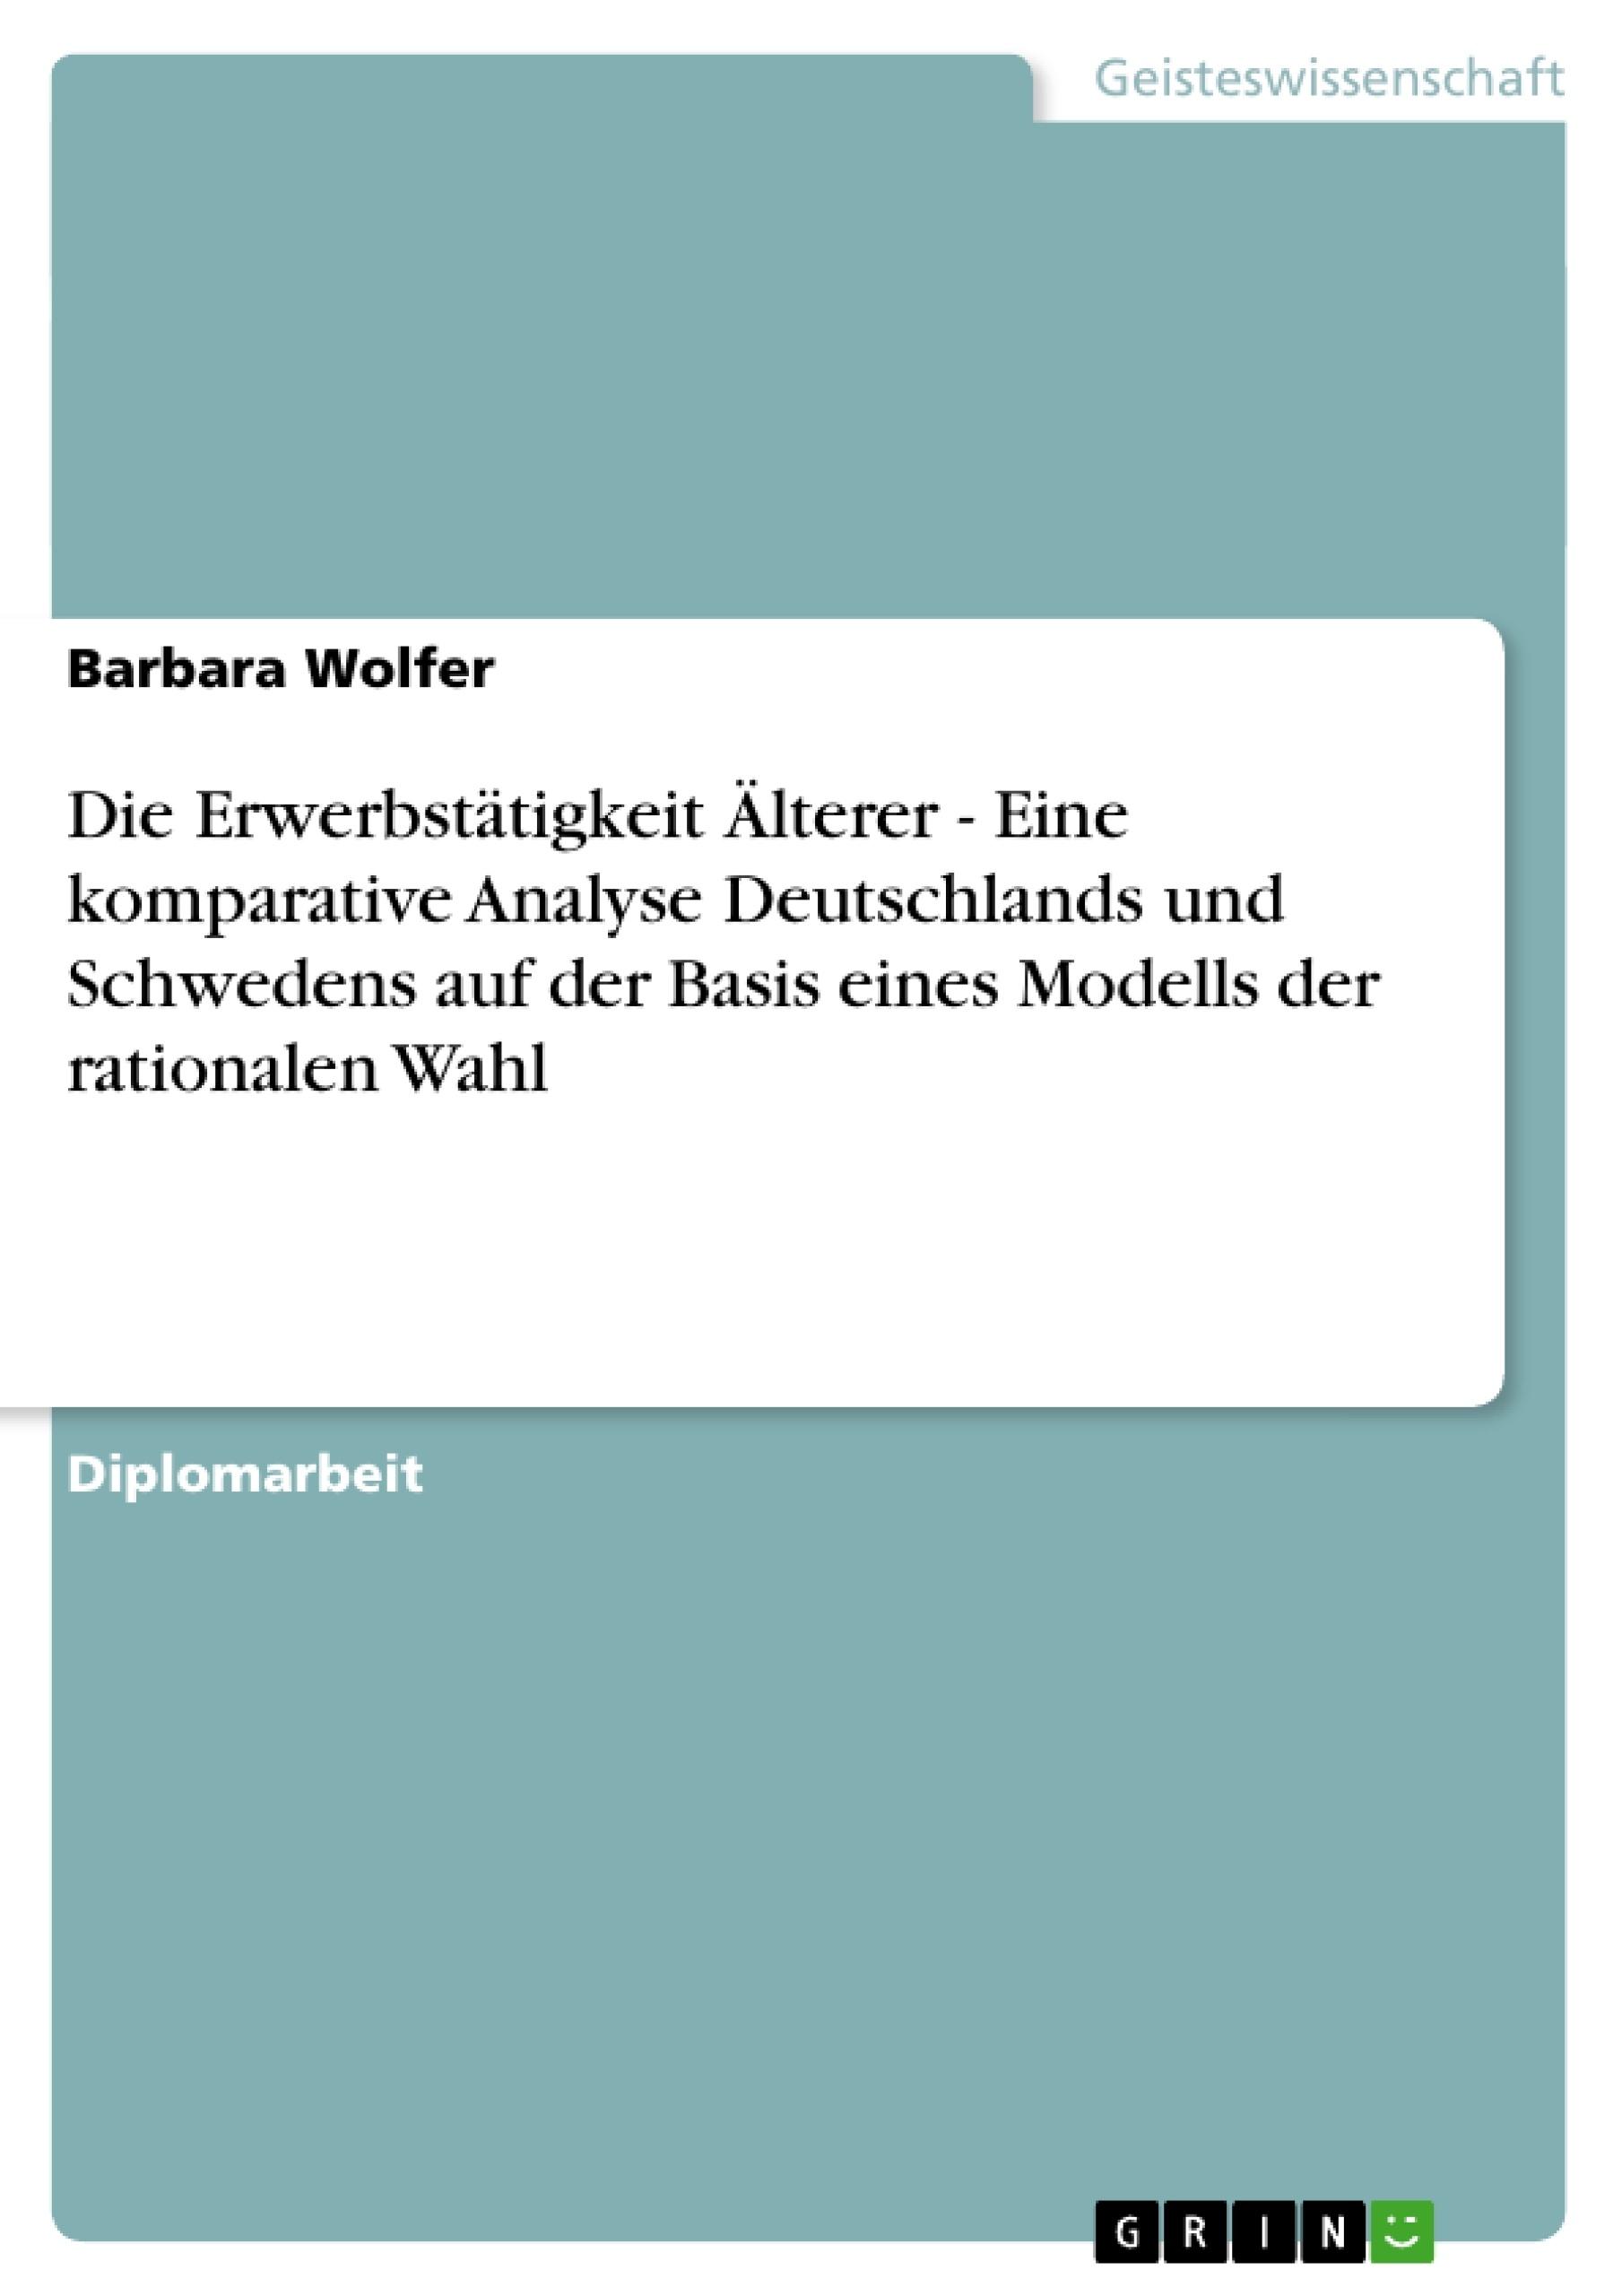 Titel: Die Erwerbstätigkeit Älterer - Eine komparative Analyse Deutschlands und Schwedens auf der Basis eines Modells der rationalen Wahl